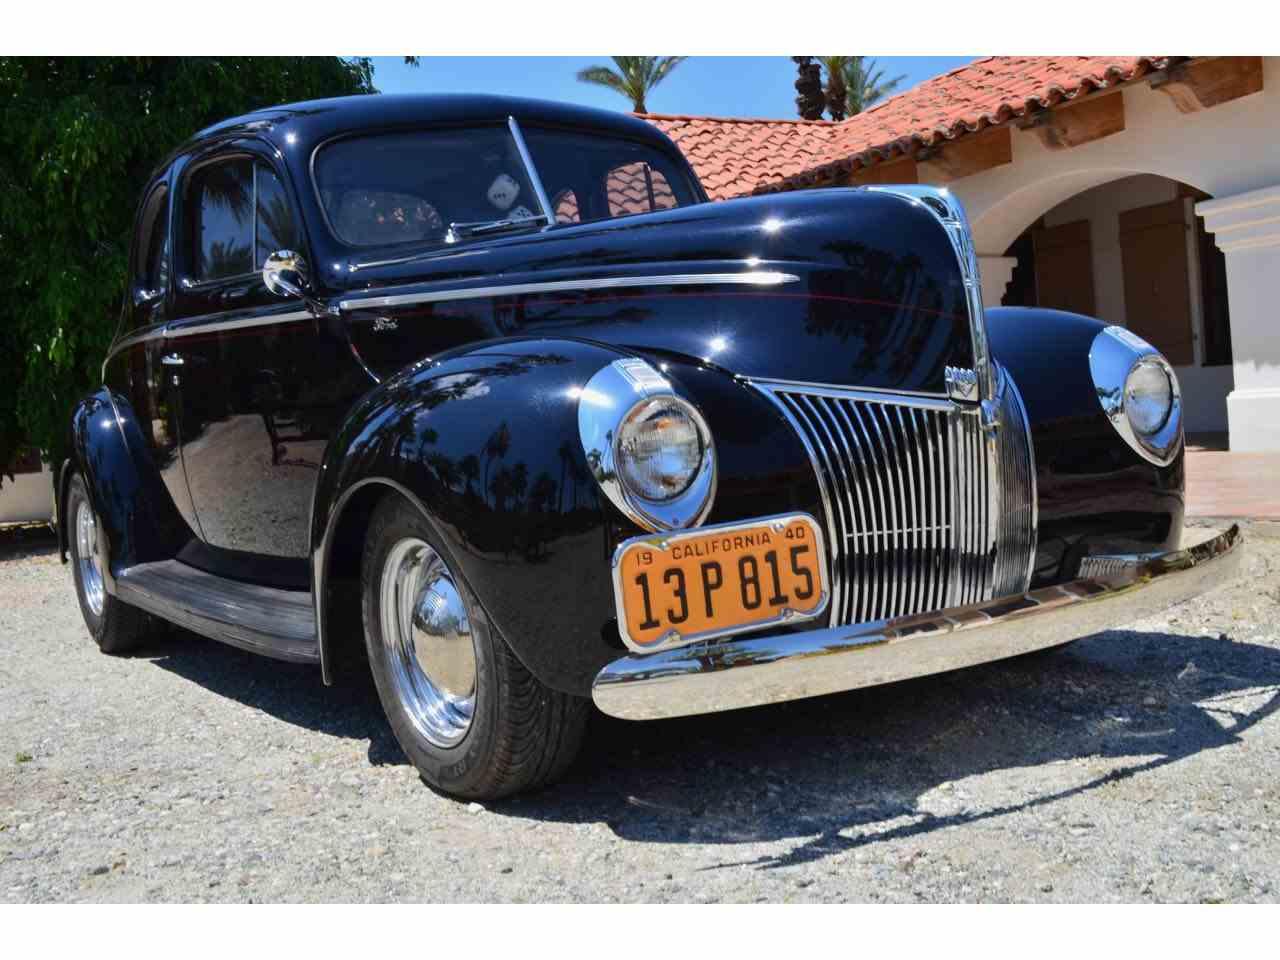 Ungewöhnlich 1940 Ford Coupe Rahmen Bilder - Bilderrahmen Ideen ...